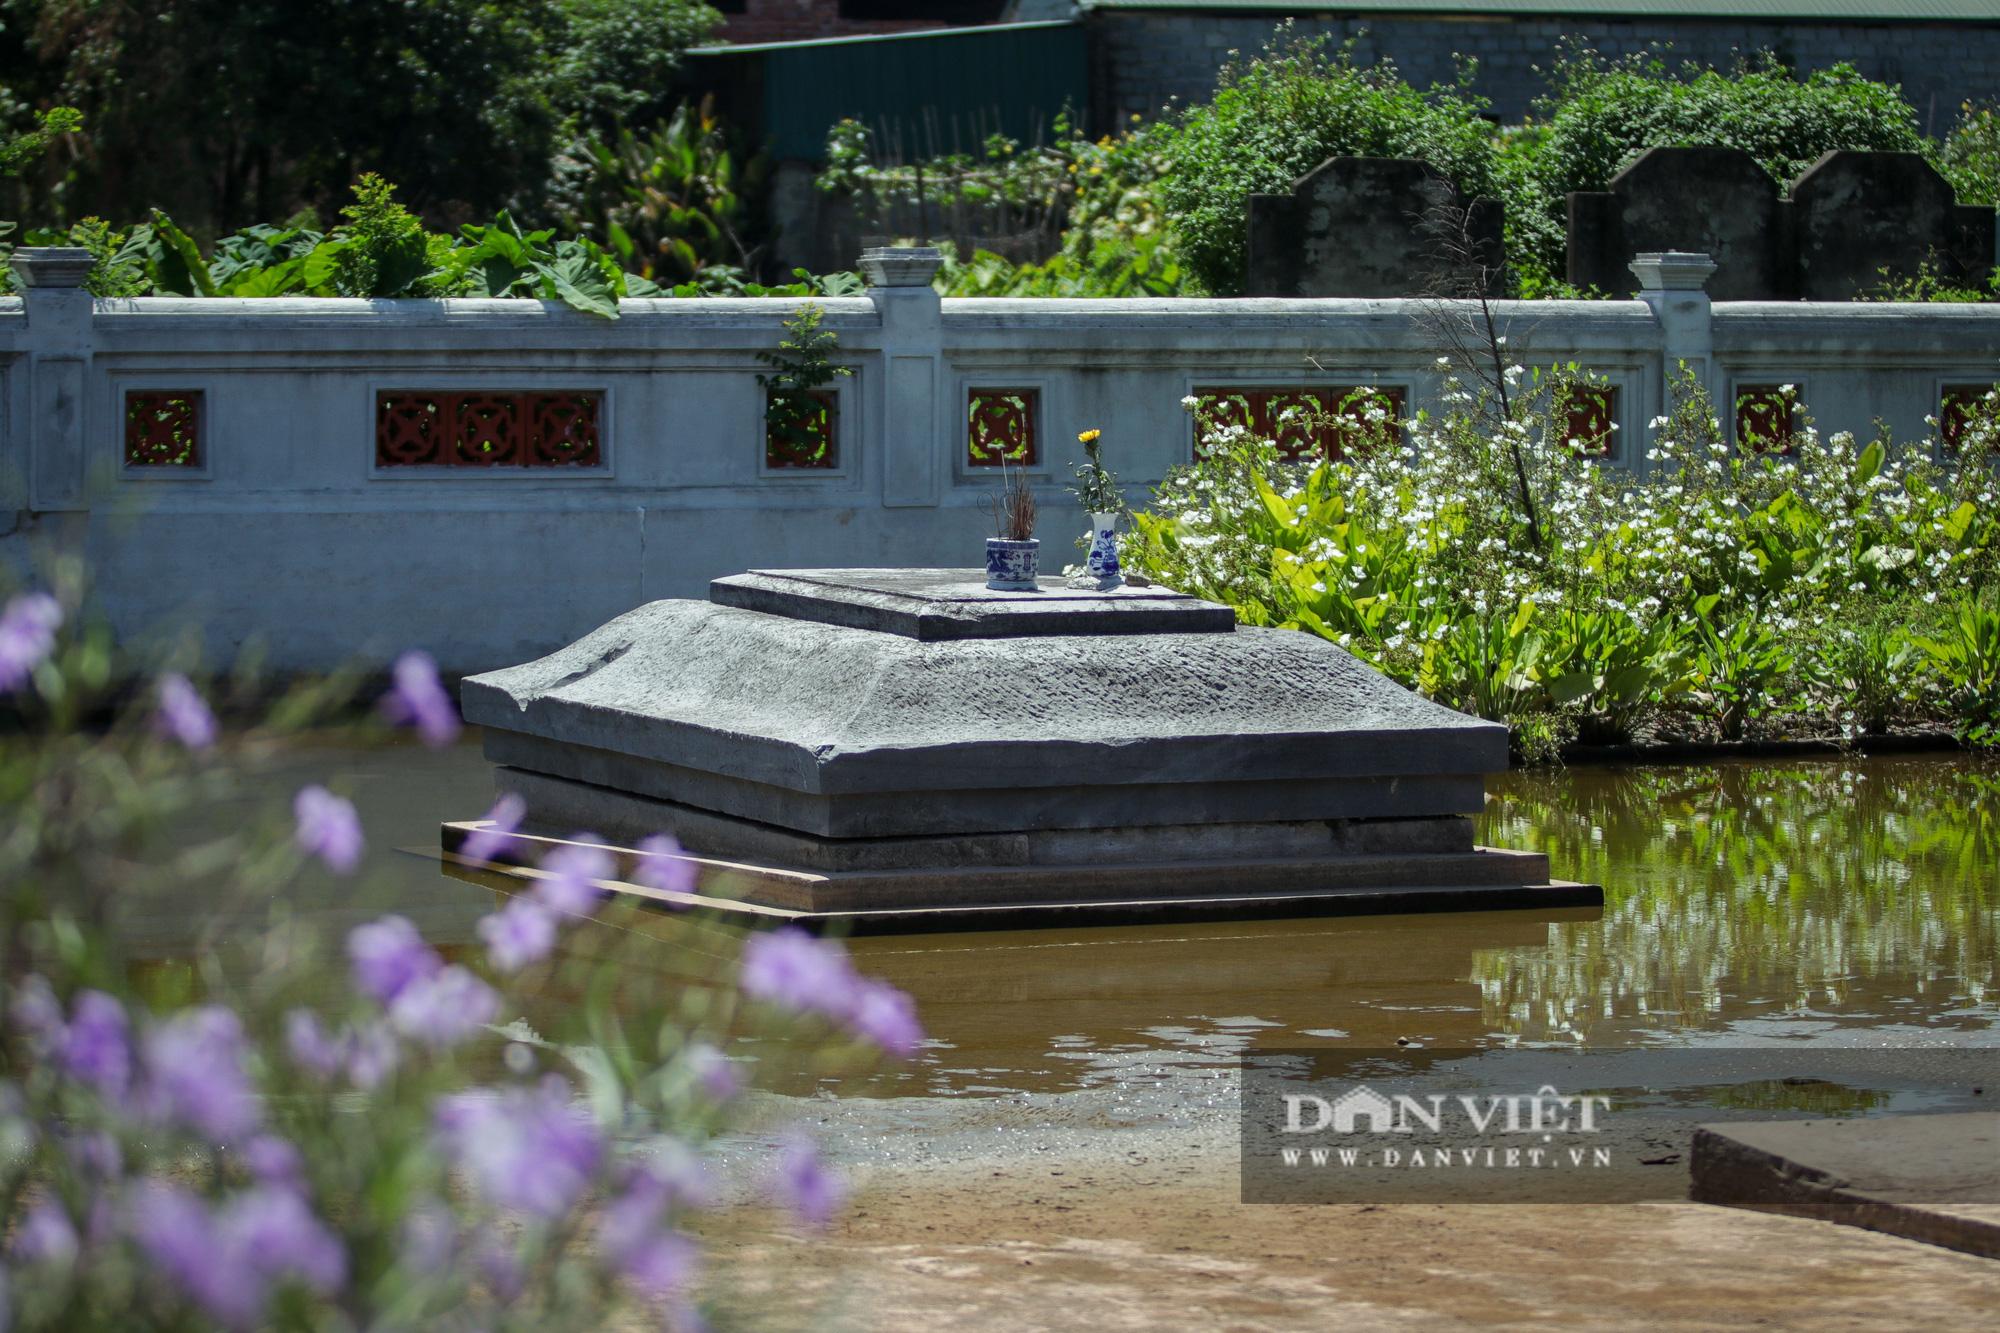 Bí ẩn lăng mộ đá ở Hà Nội bị 2 trận lũ lớn vùi lấp suốt hàng trăm năm - Ảnh 3.